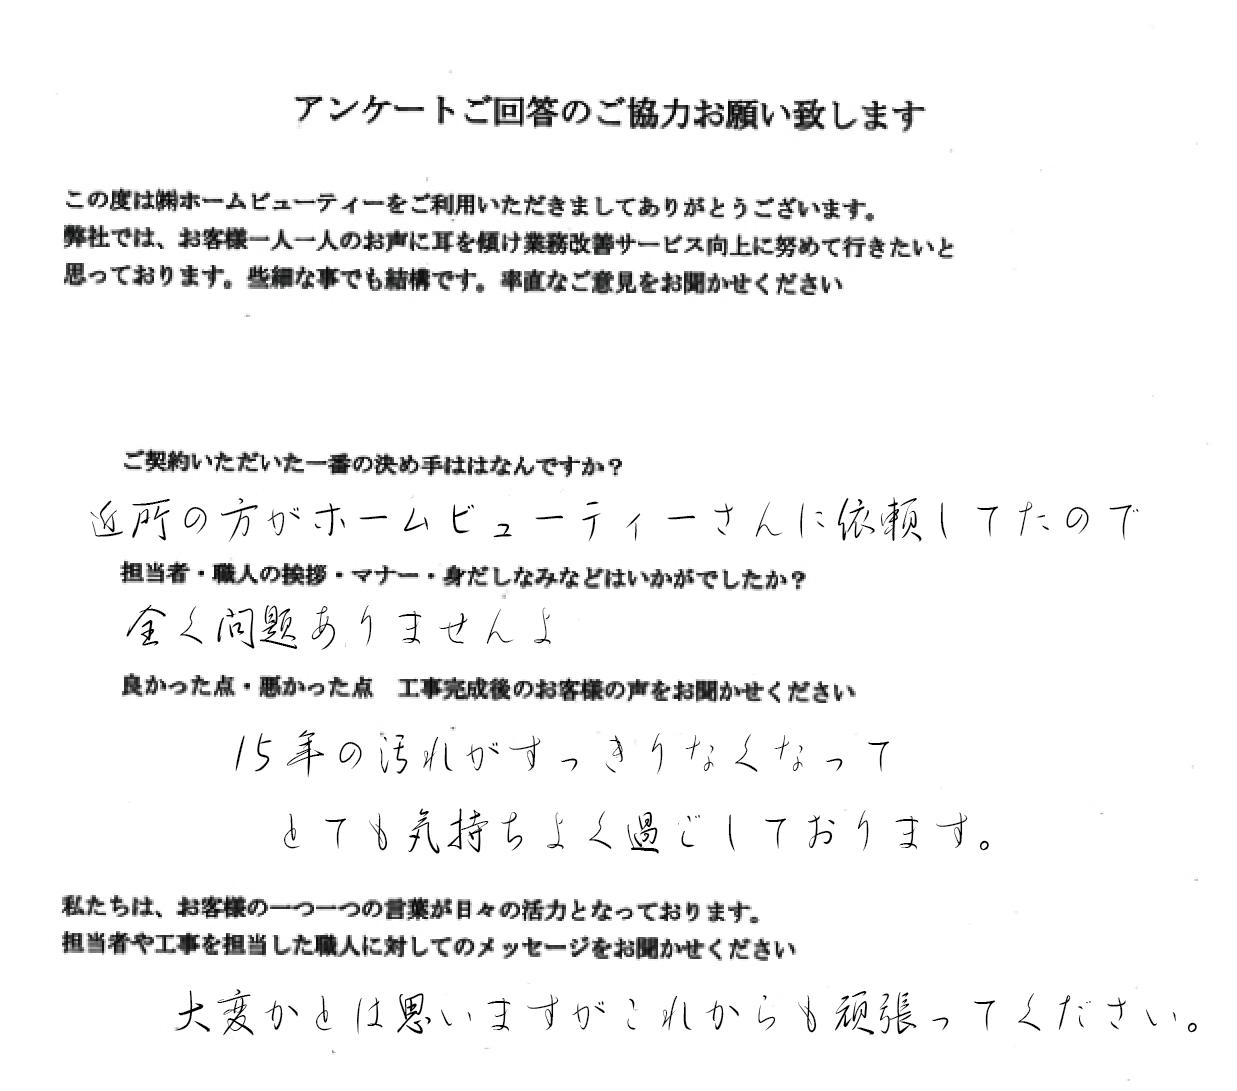 栃木県上三川町 外壁塗装 シーリング打ち替え工事 バルコニー防水工事